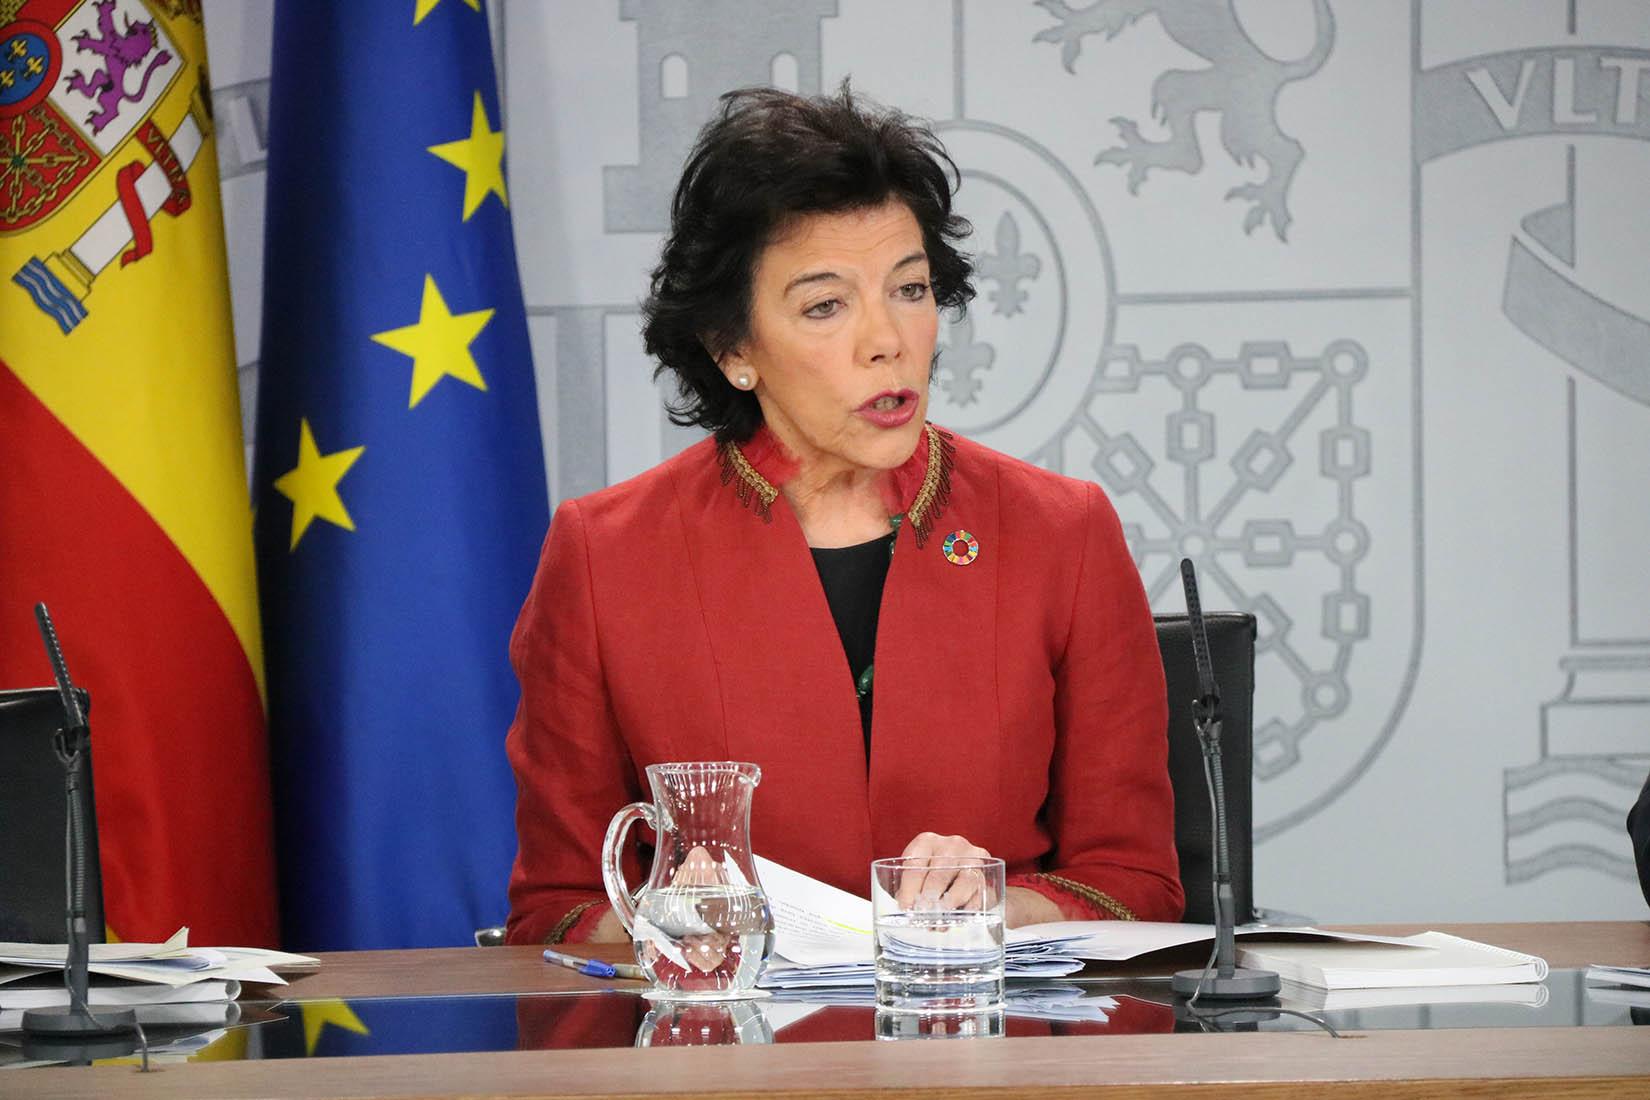 La portaveu del govern espanyol, Isabel Celaá, en una imatge d'arxiu